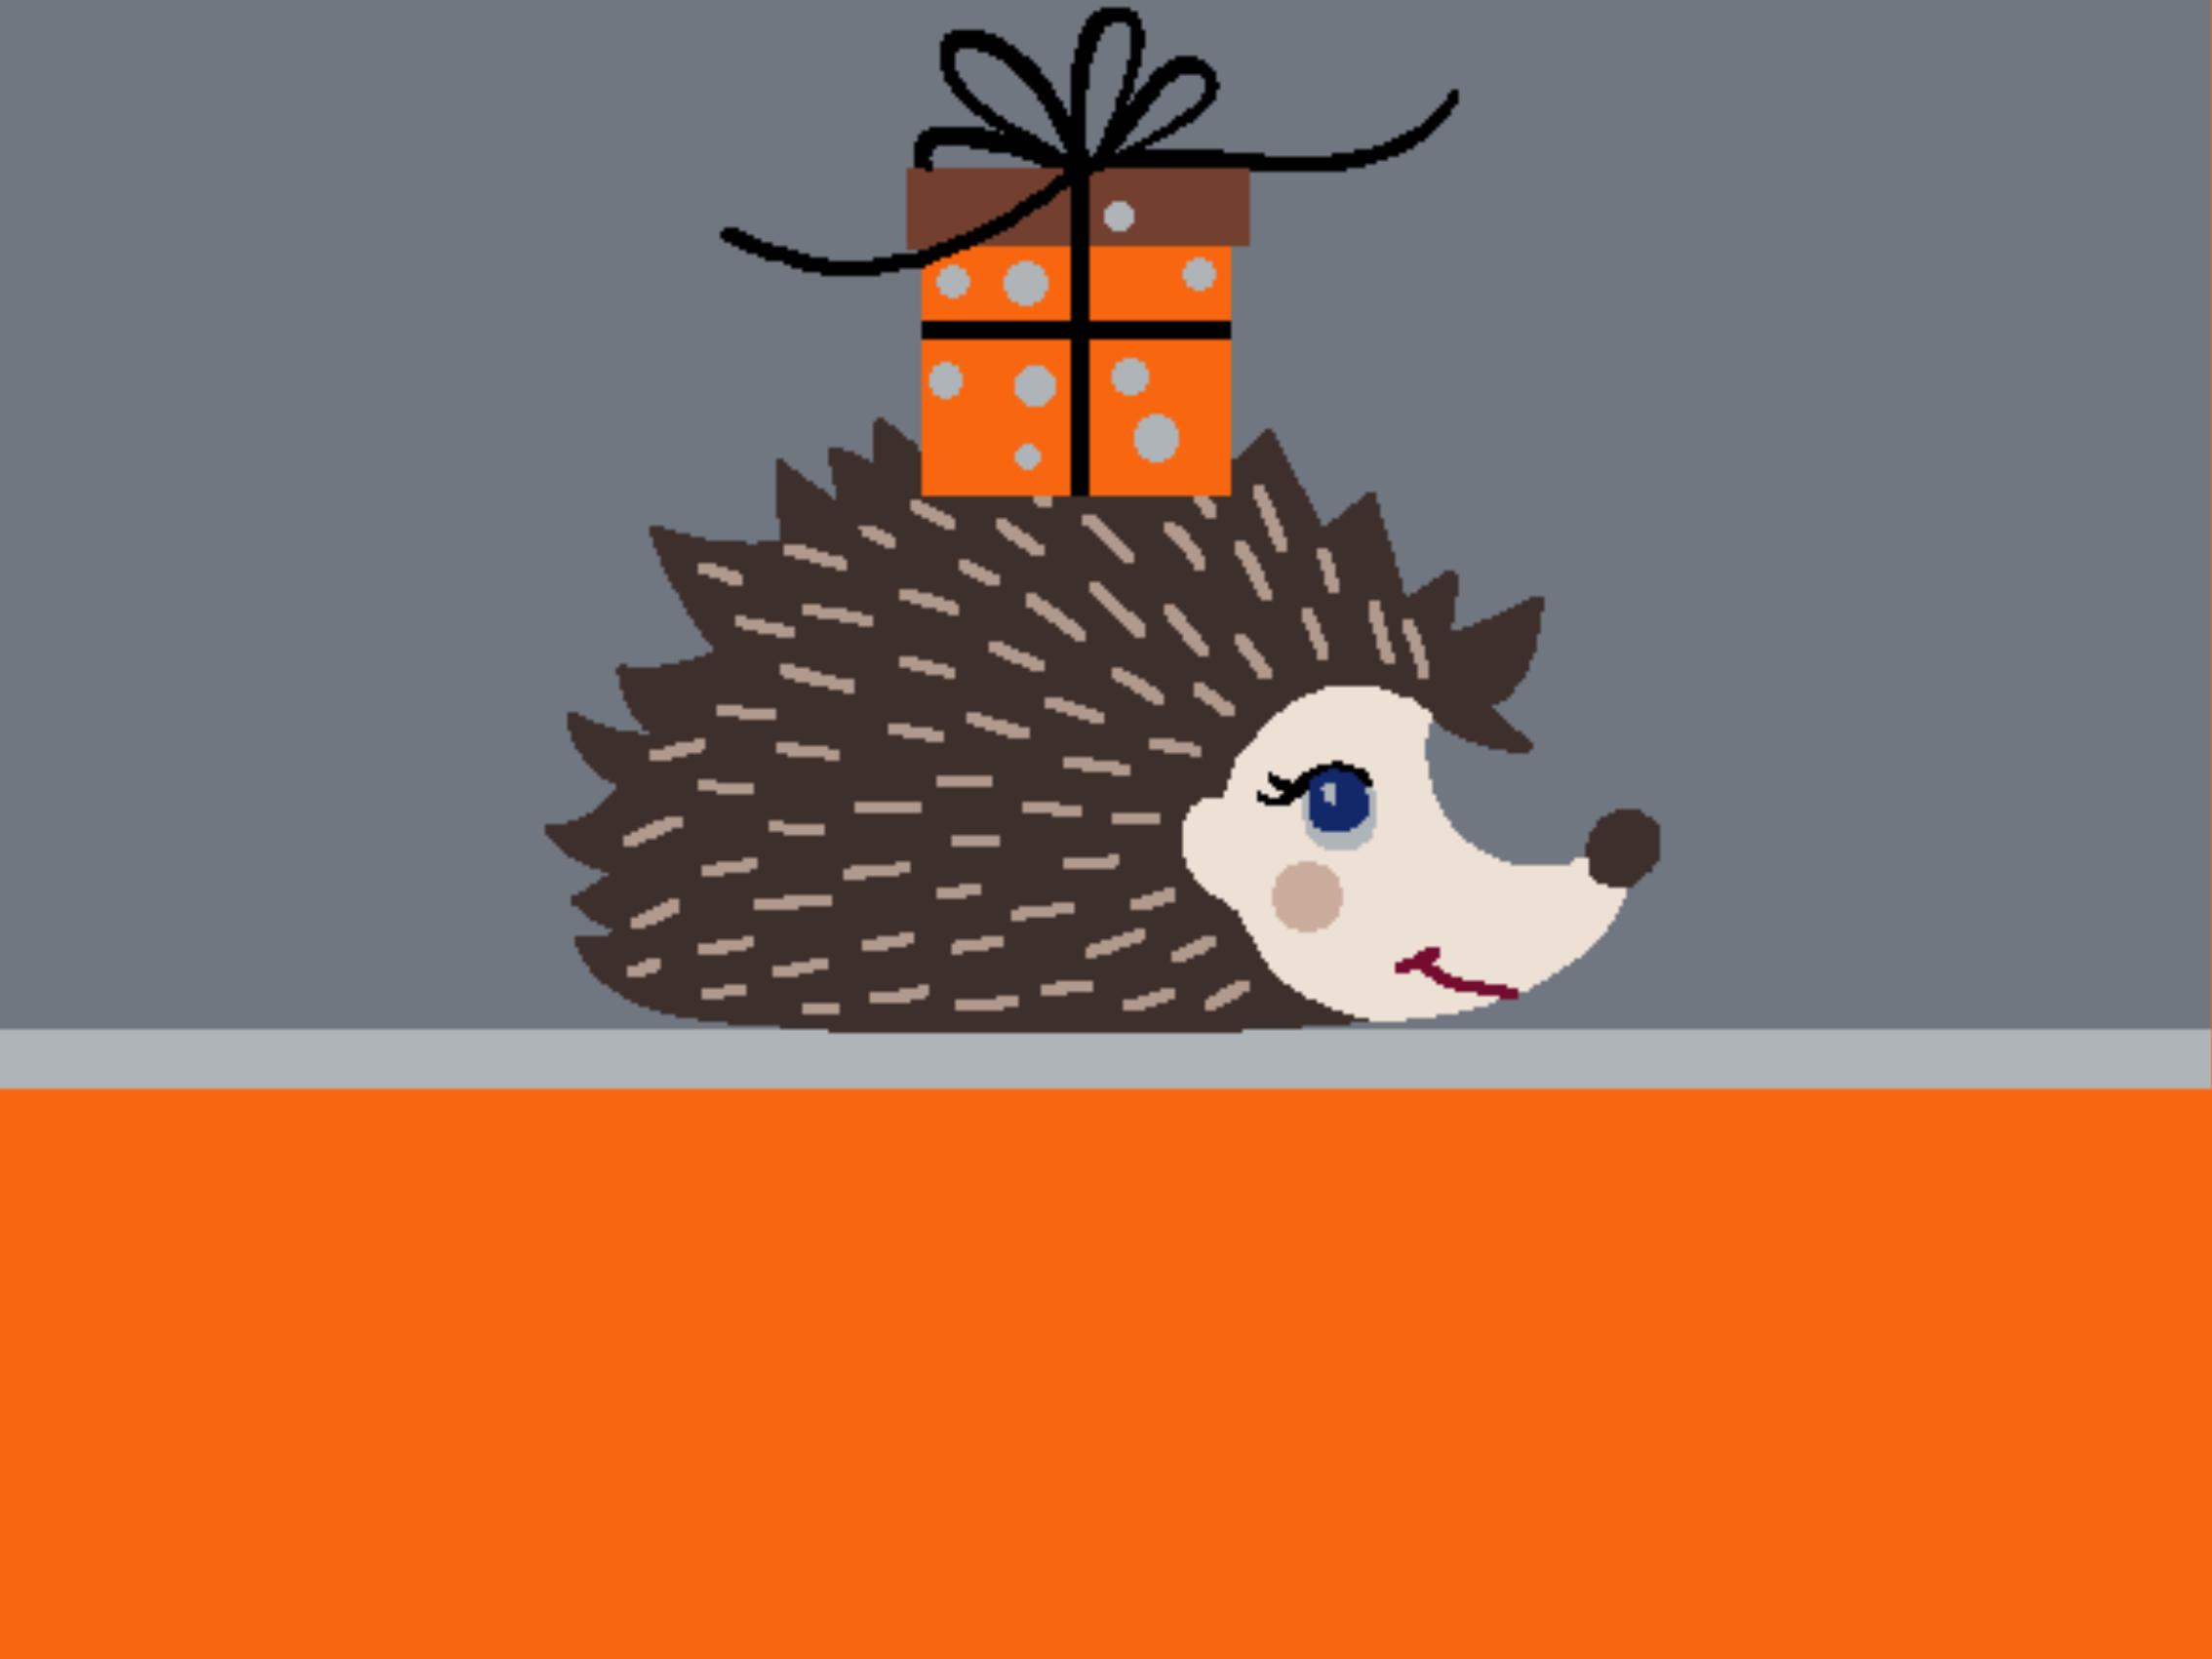 Doormat autumn design with hedgehog motif 999-1952